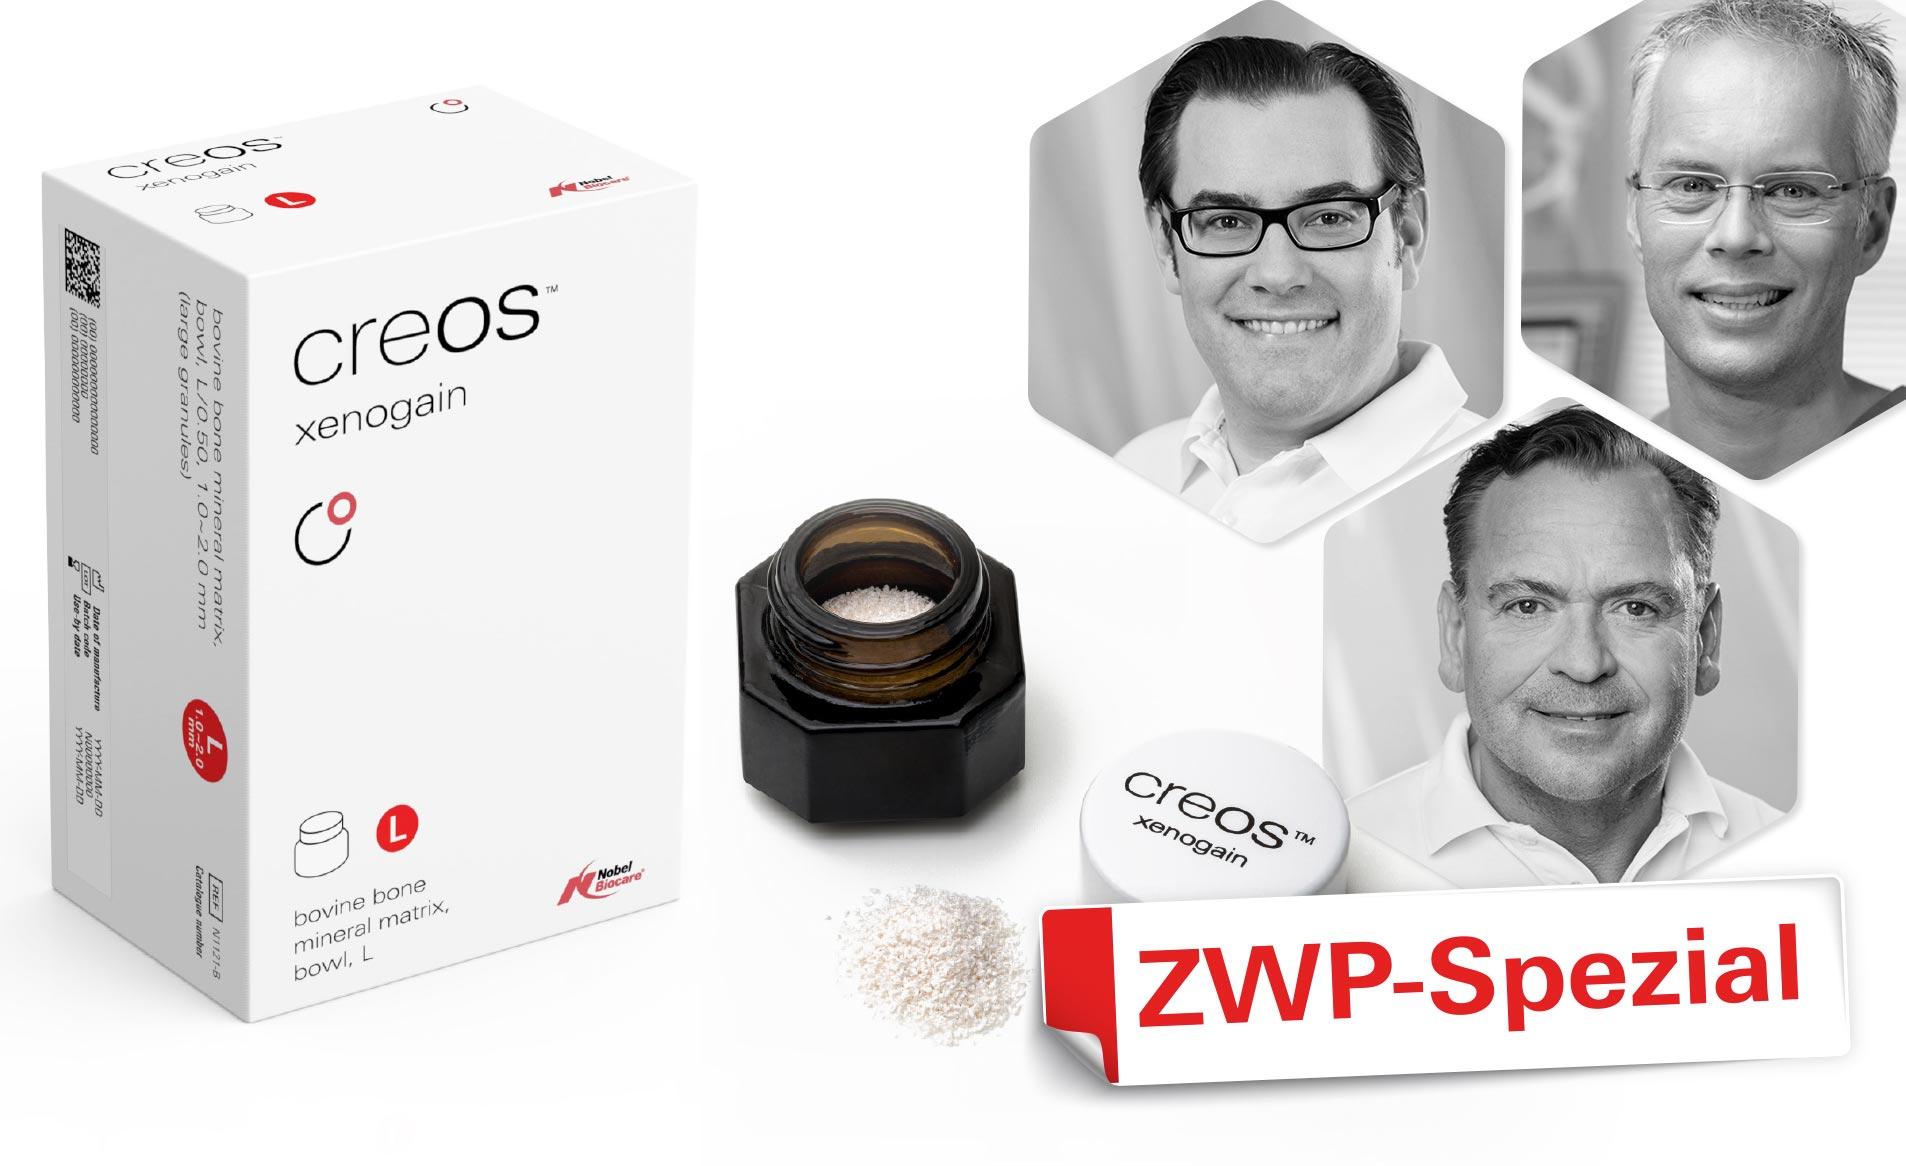 nobelbiocare-creos-xenogain-gbr-zwp-spezial